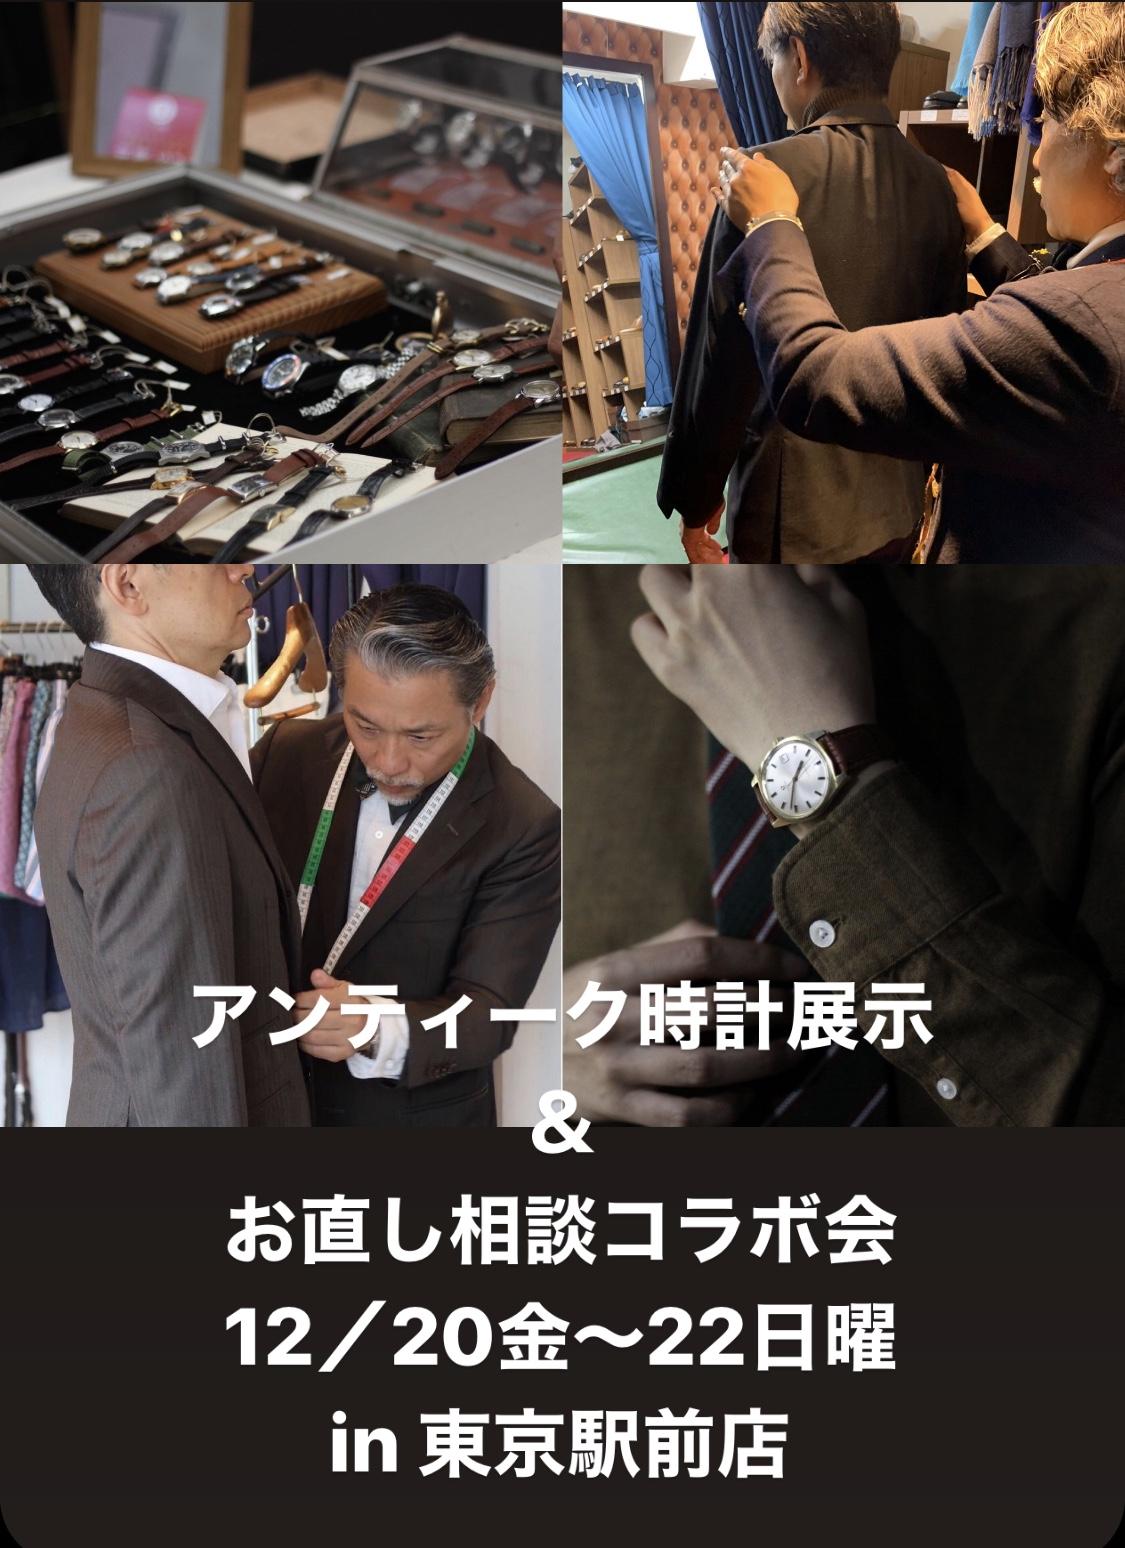 ◆今日から3日間アンティーク時計展示会開催です◆